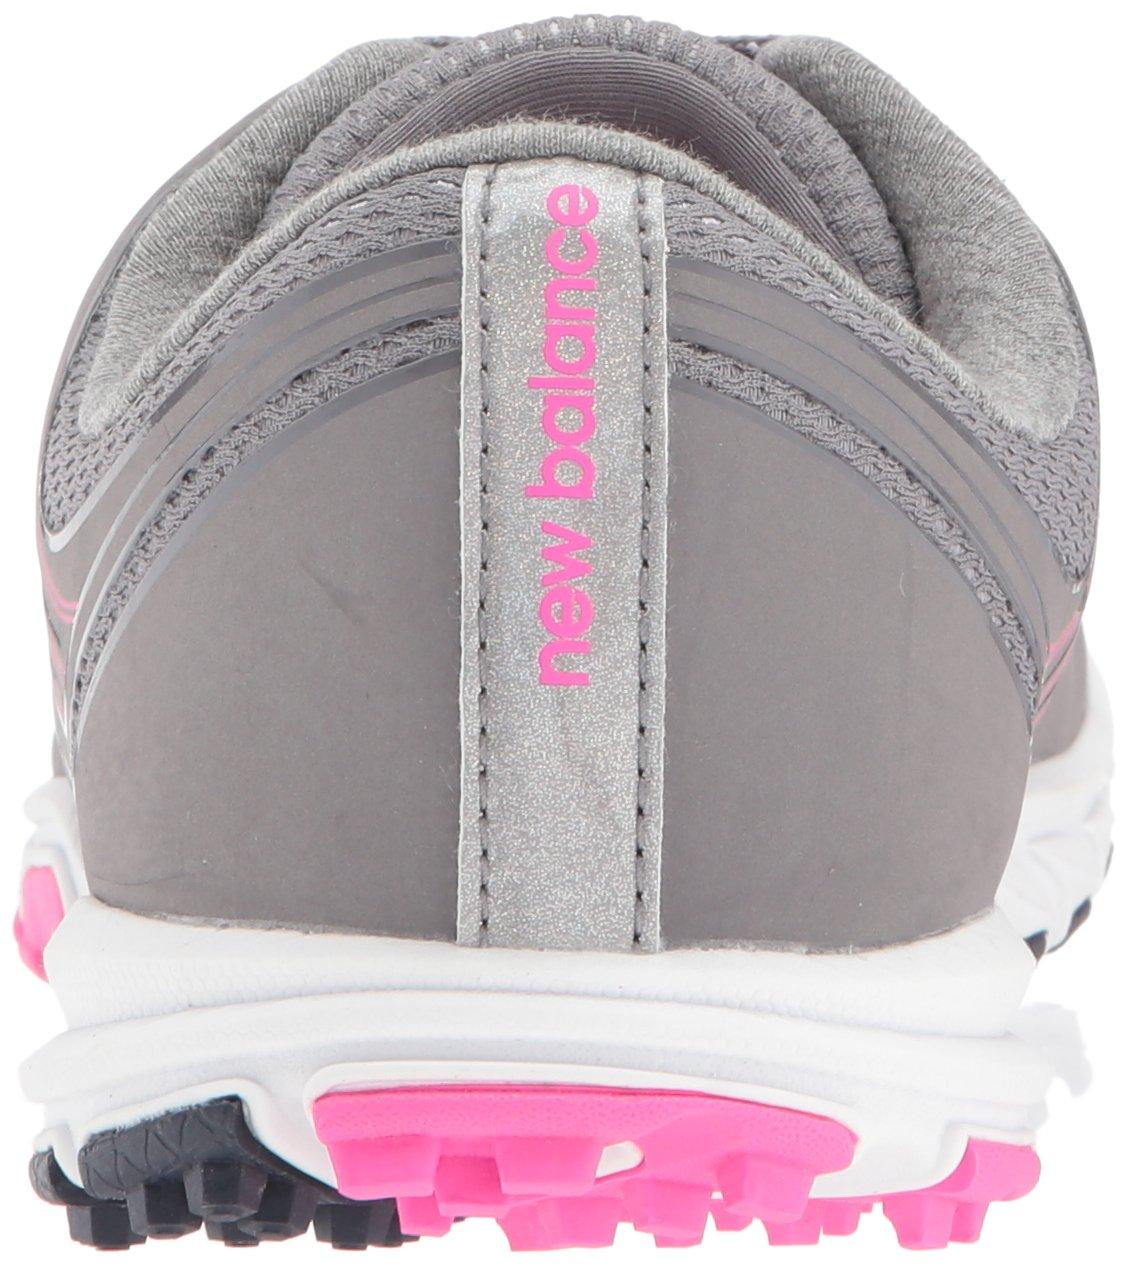 New Balance Women's Minimus Sport Golf Shoe, Pink/Grey, 7.5 B B US by New Balance (Image #2)